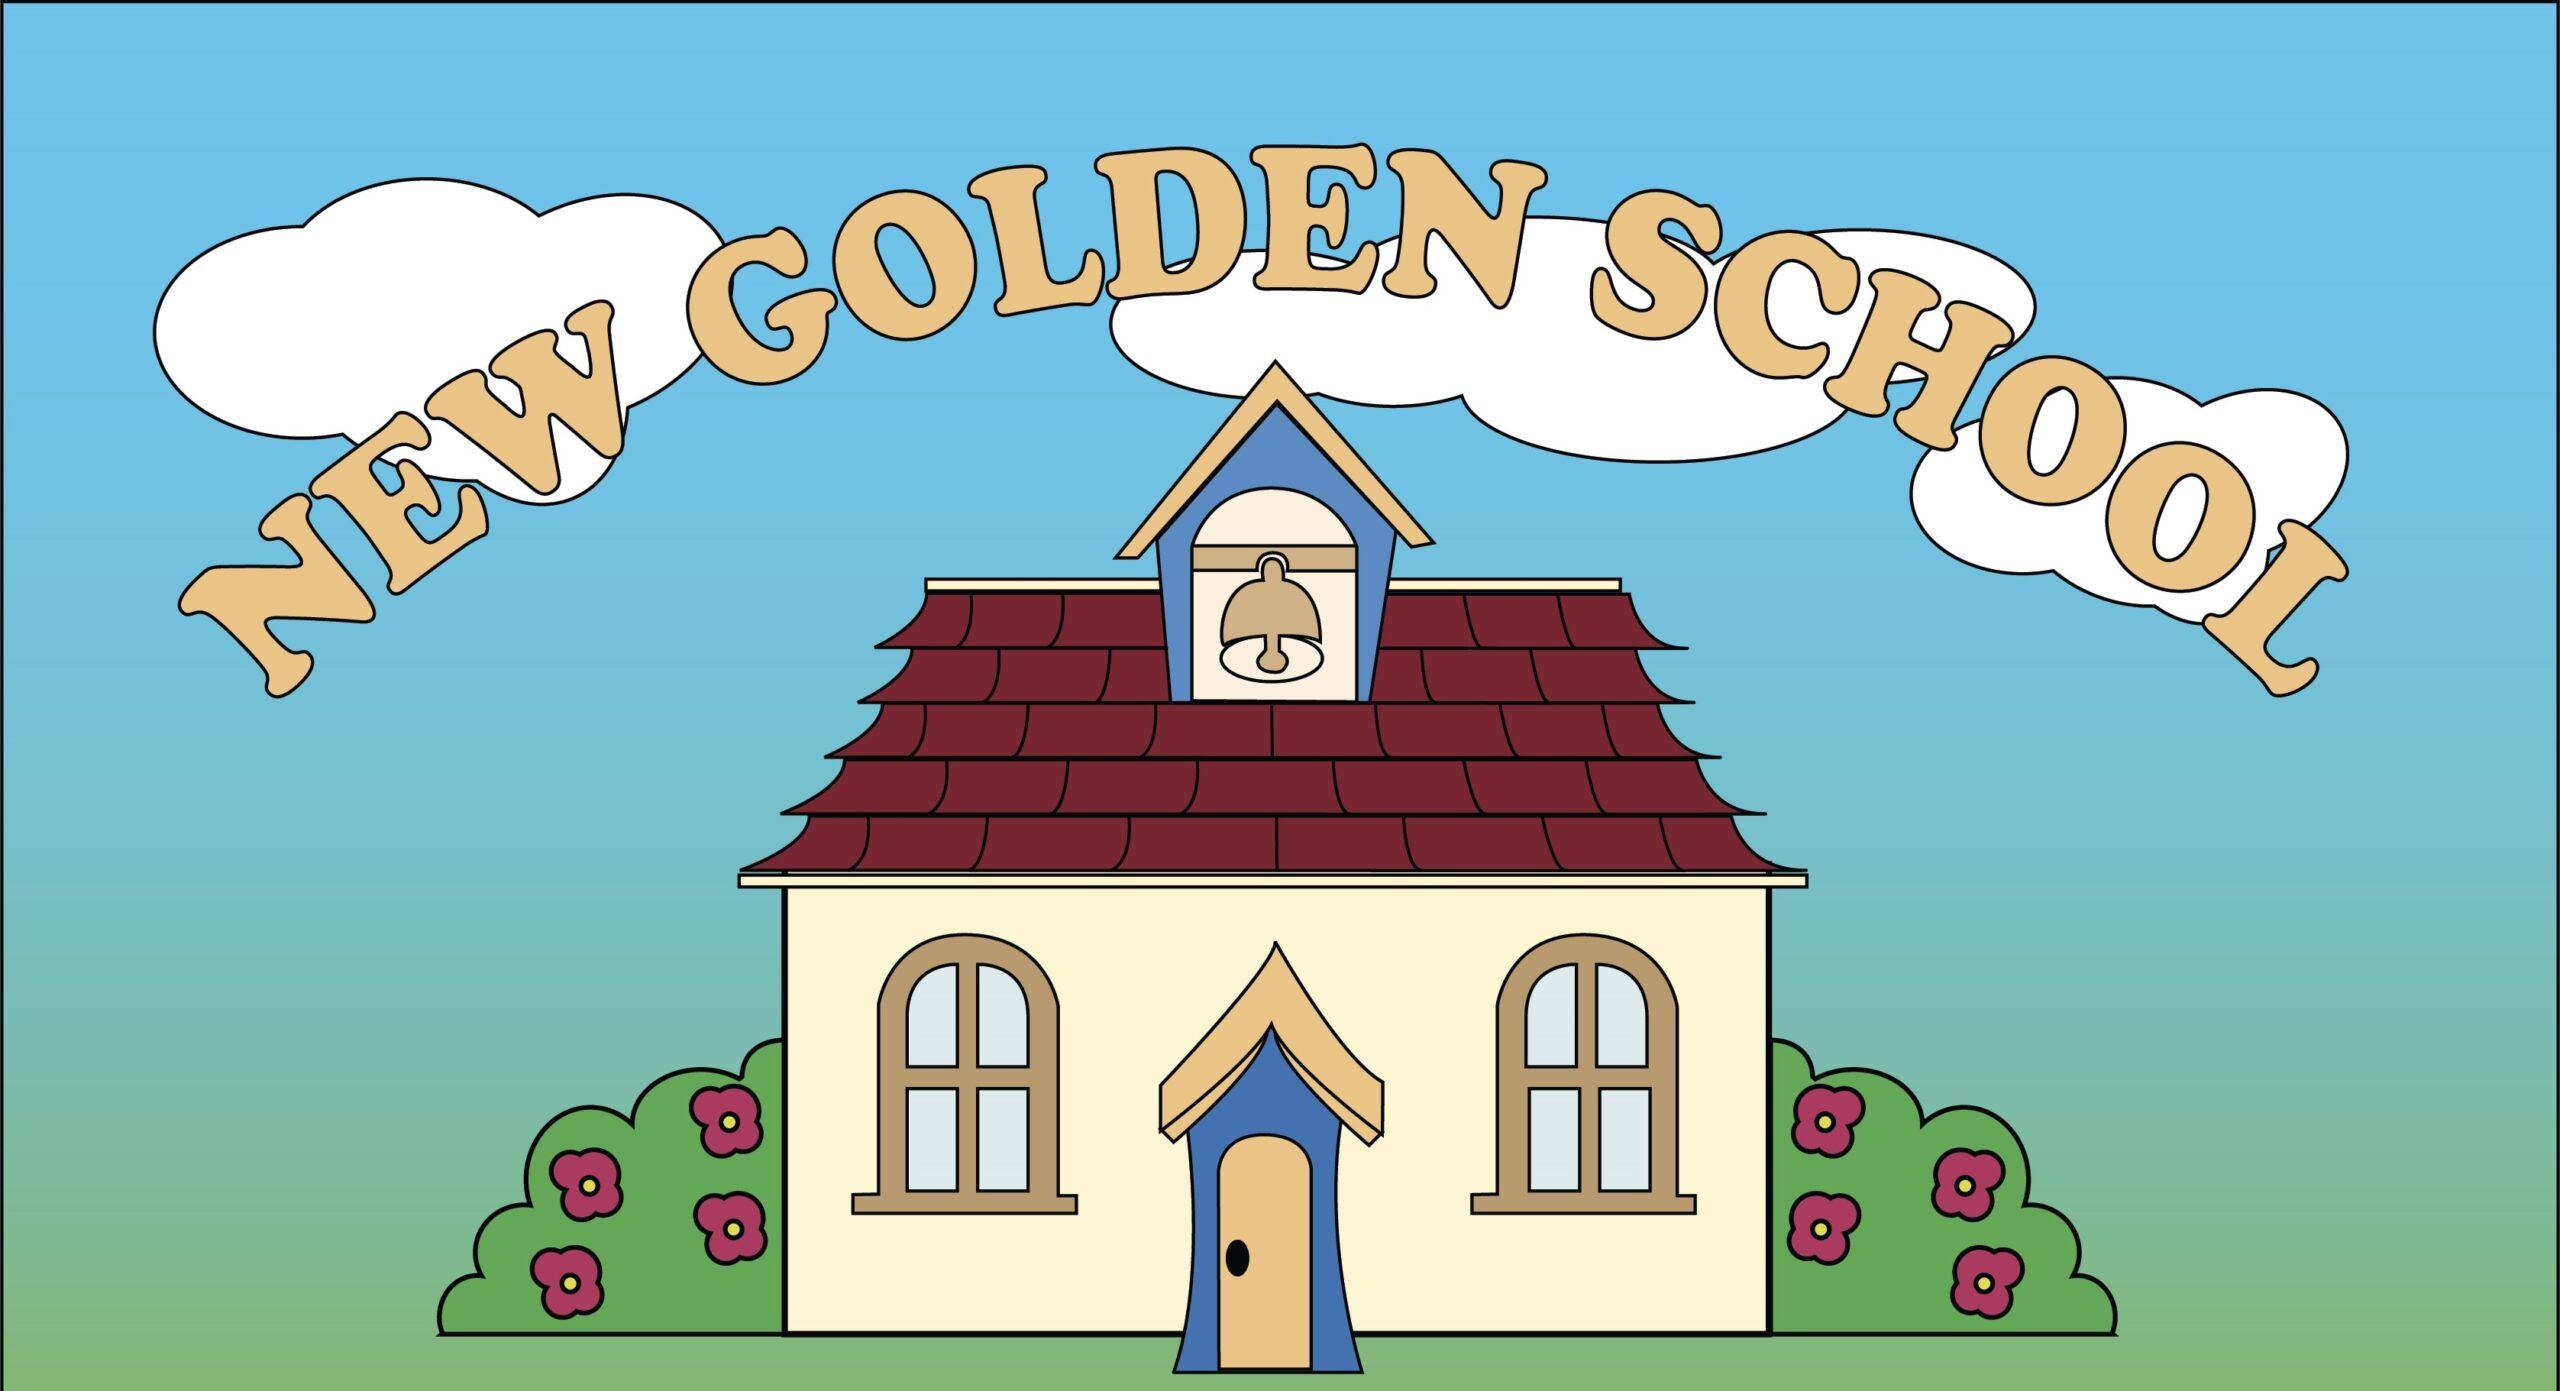 New Golden School